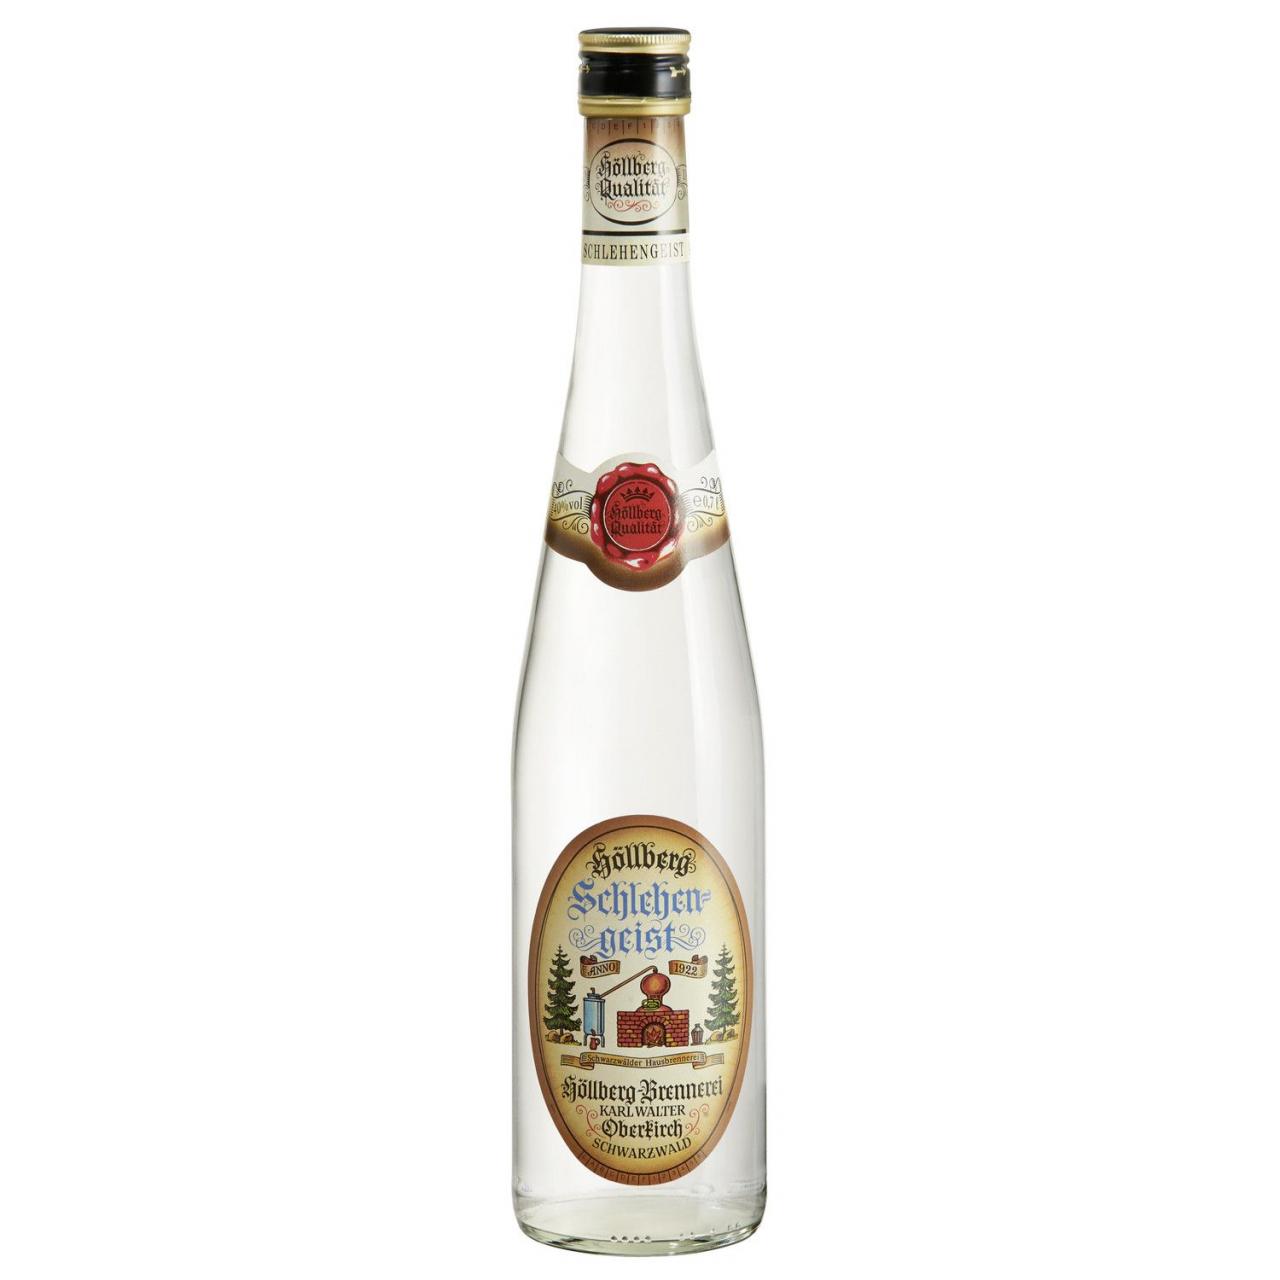 Höllberg Schlehengeist in der 0,7 Liter Flasche